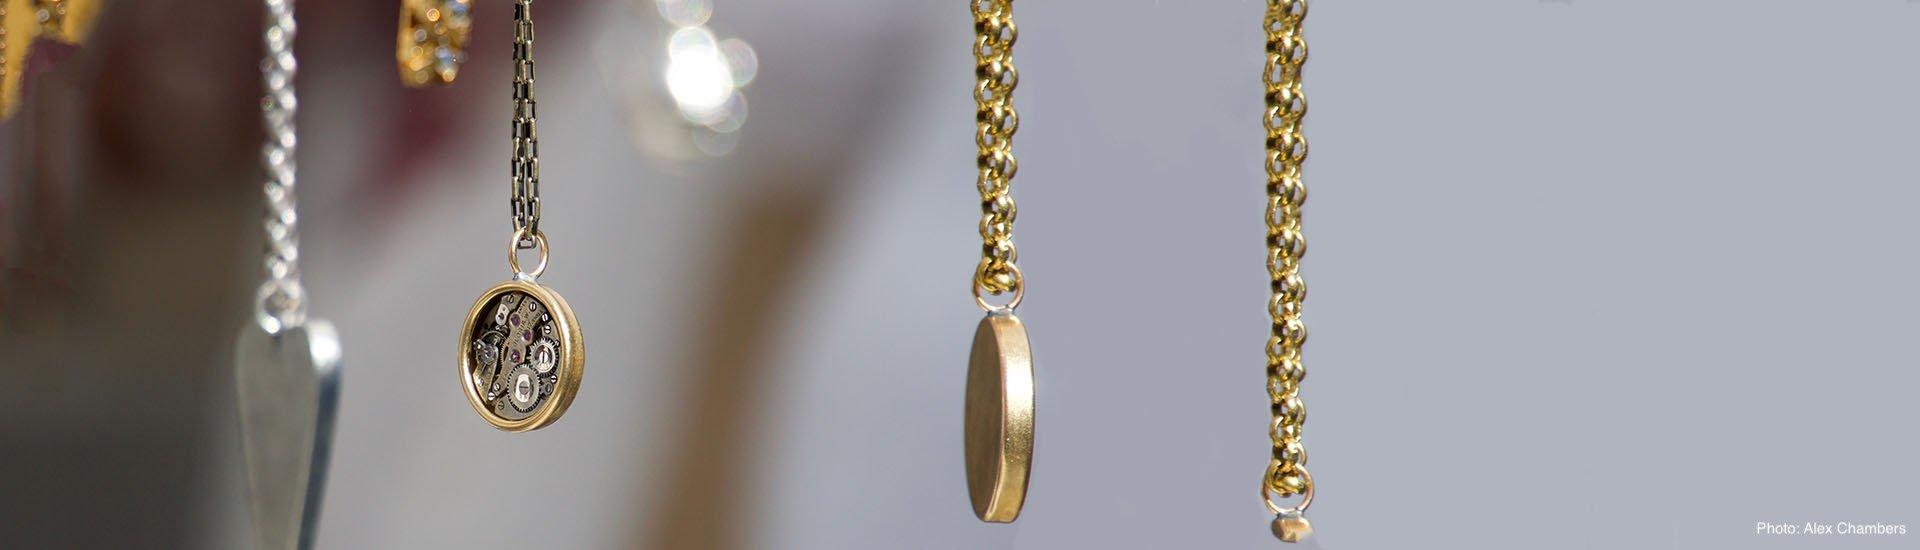 Jewelry - Costume